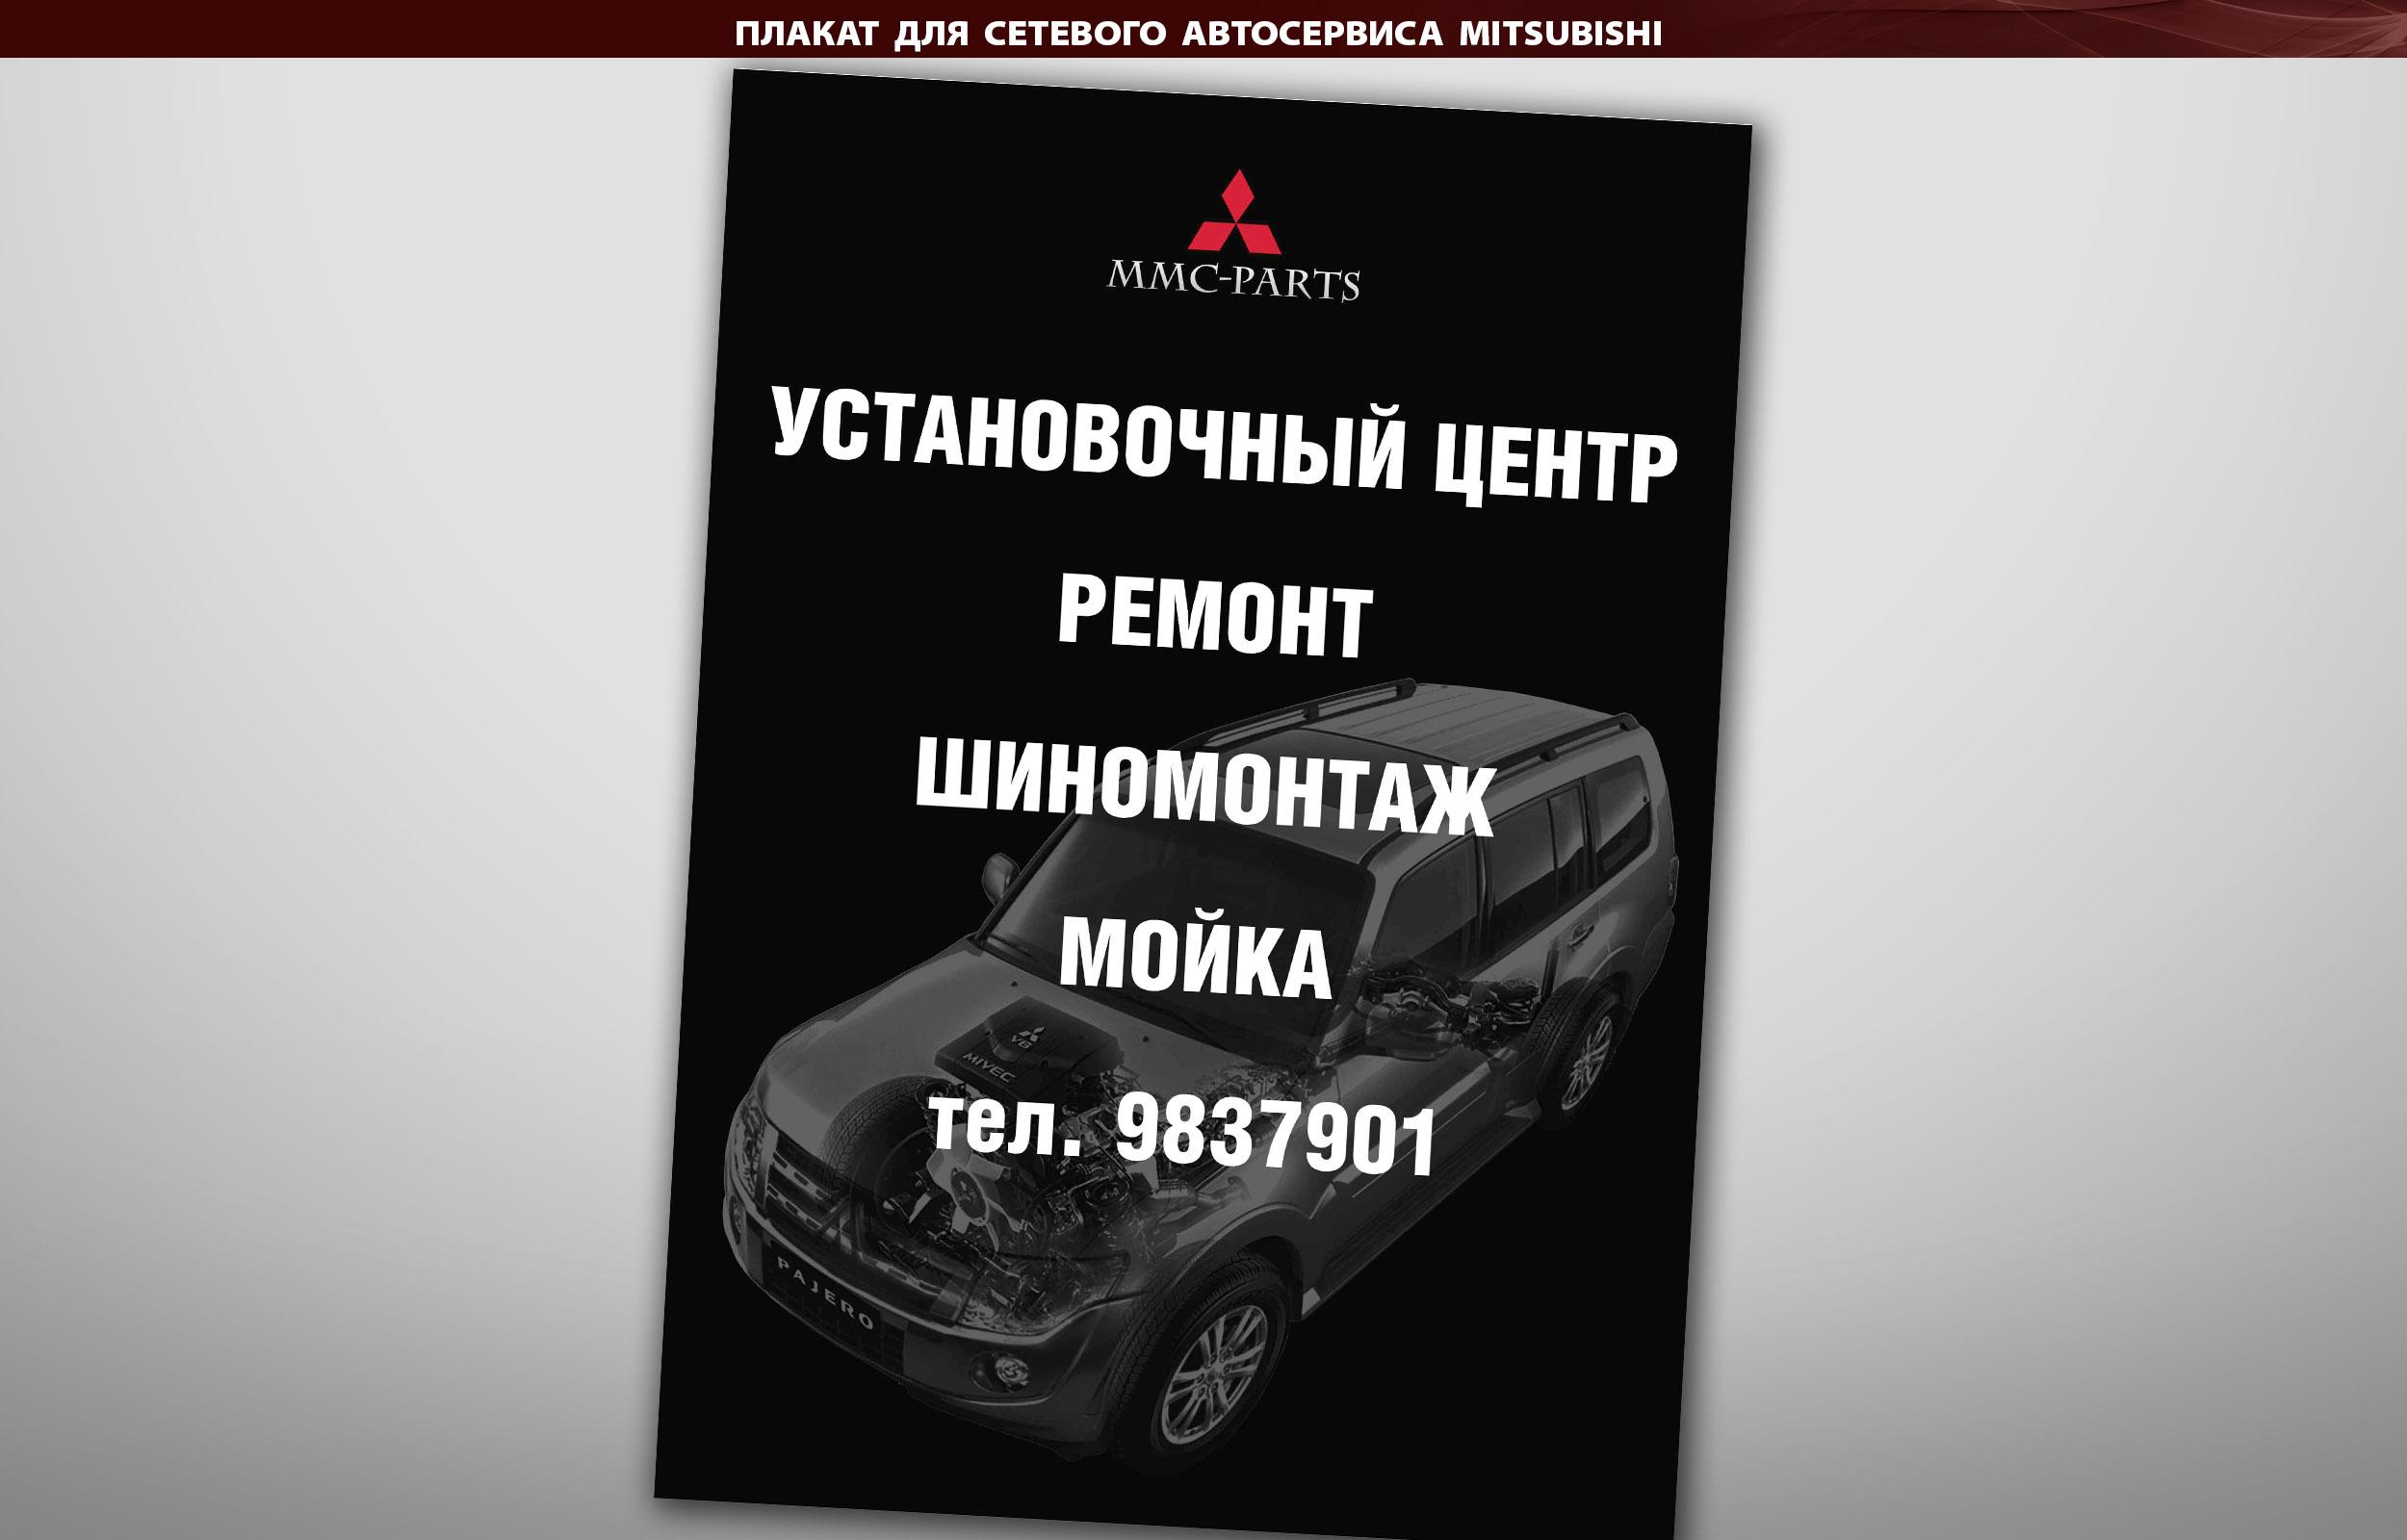 Плакат для сетевого автосервиса MITSUBISHI